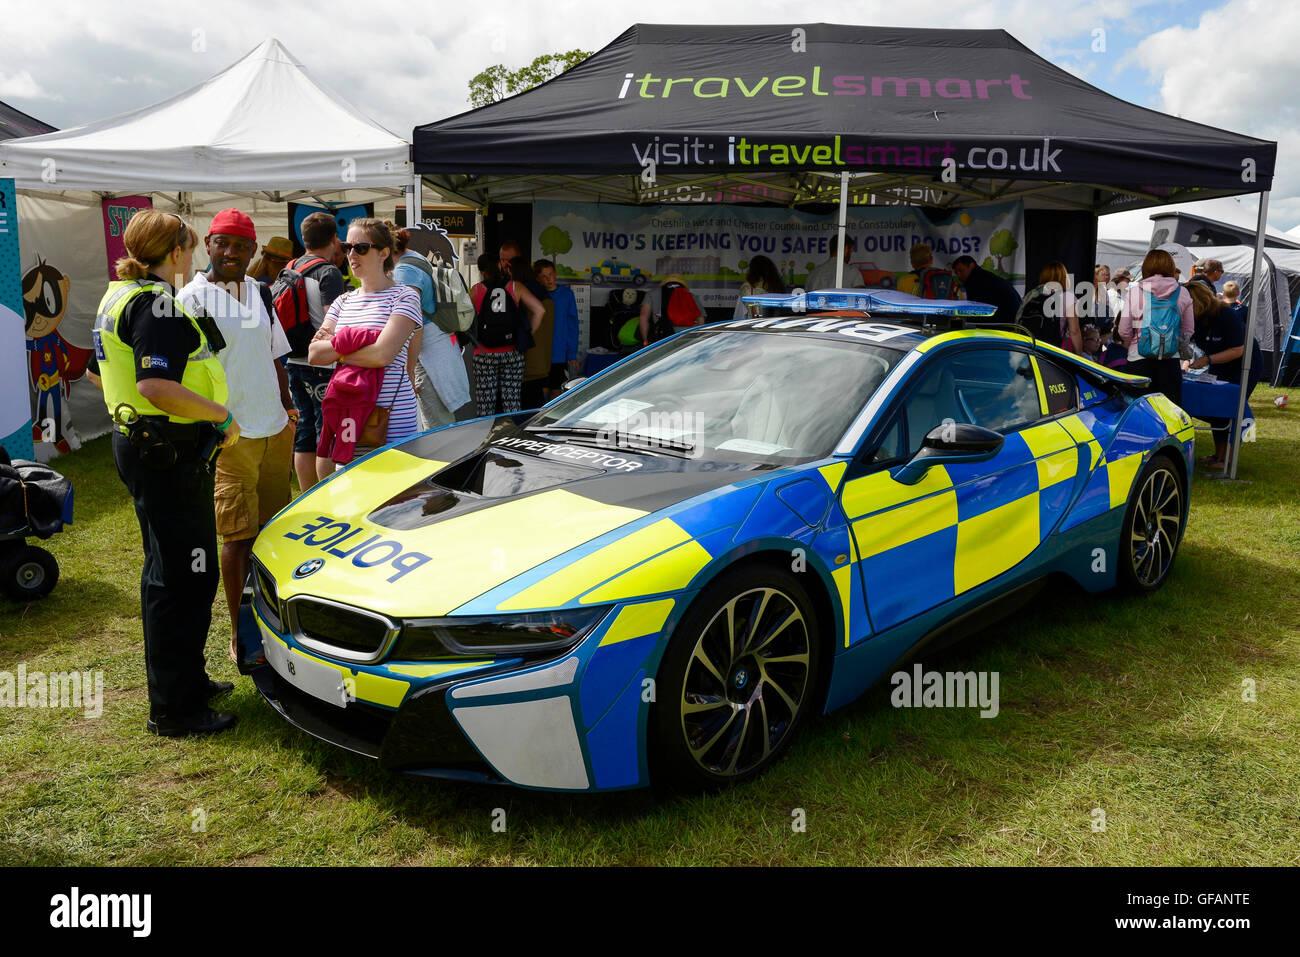 Carfest North Bolesworth Cheshire Uk 30th July 2016 A Bmw I8